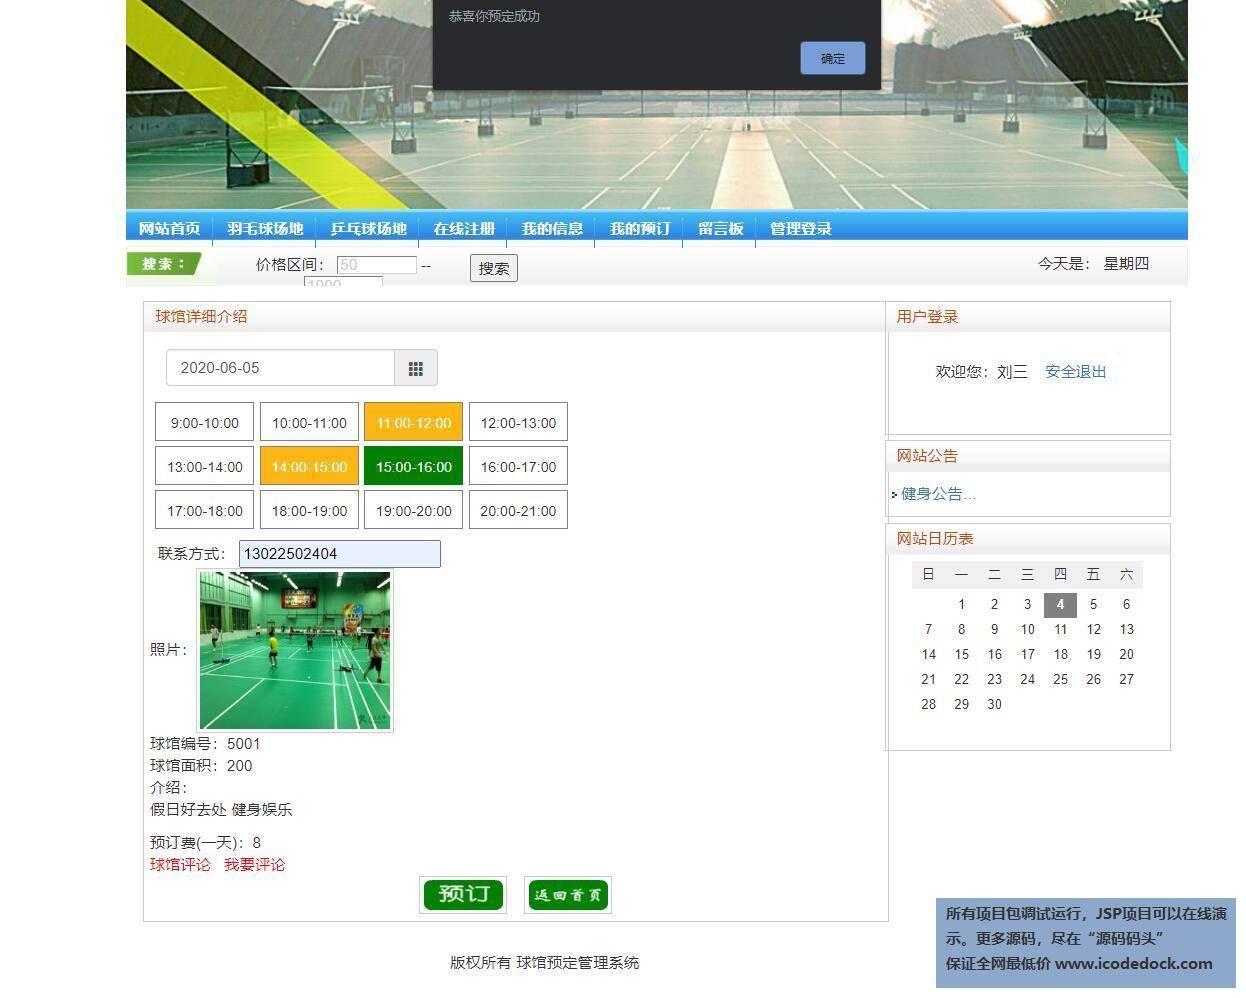 源码码头-SSH高校球场体育场预定管理系统-用户首页-预定场地